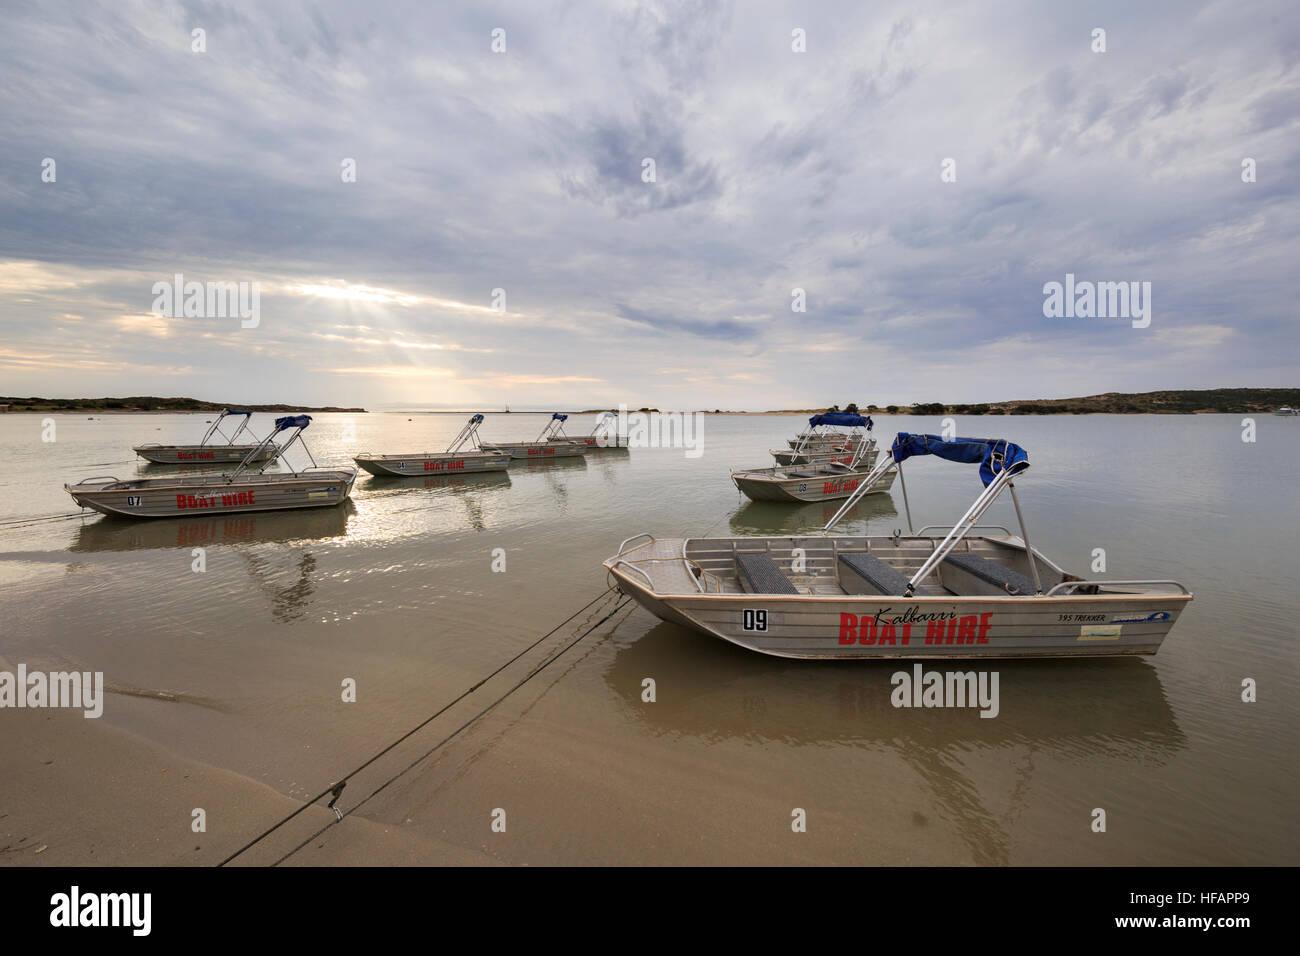 Brooker 395 Trekker Boote am Ufer des Murchison River Stockbild